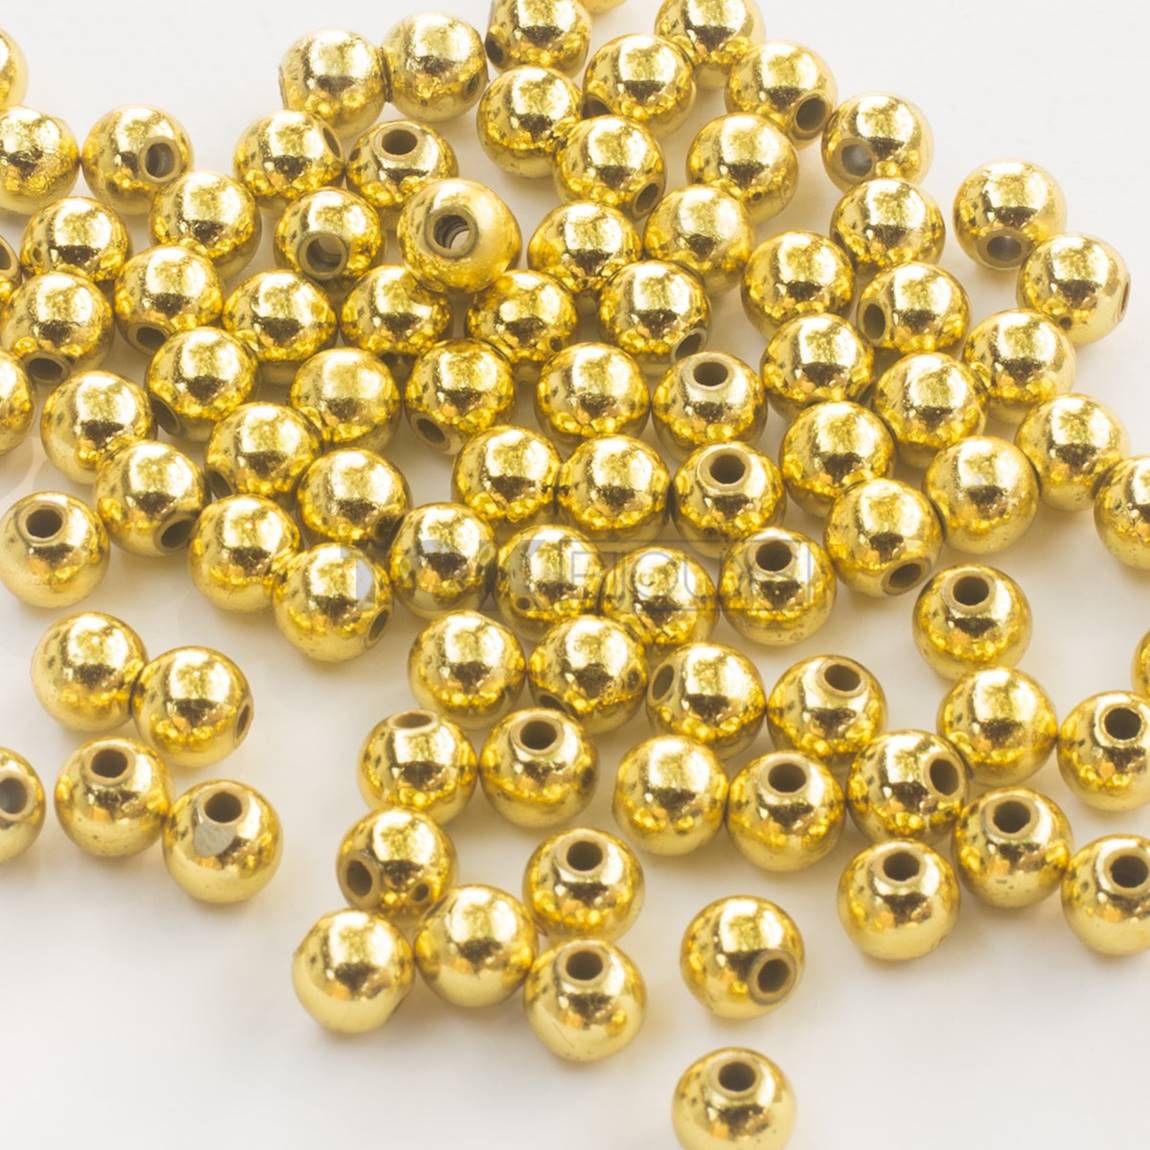 Pérola Redonda 6mm - Dourado - 25g